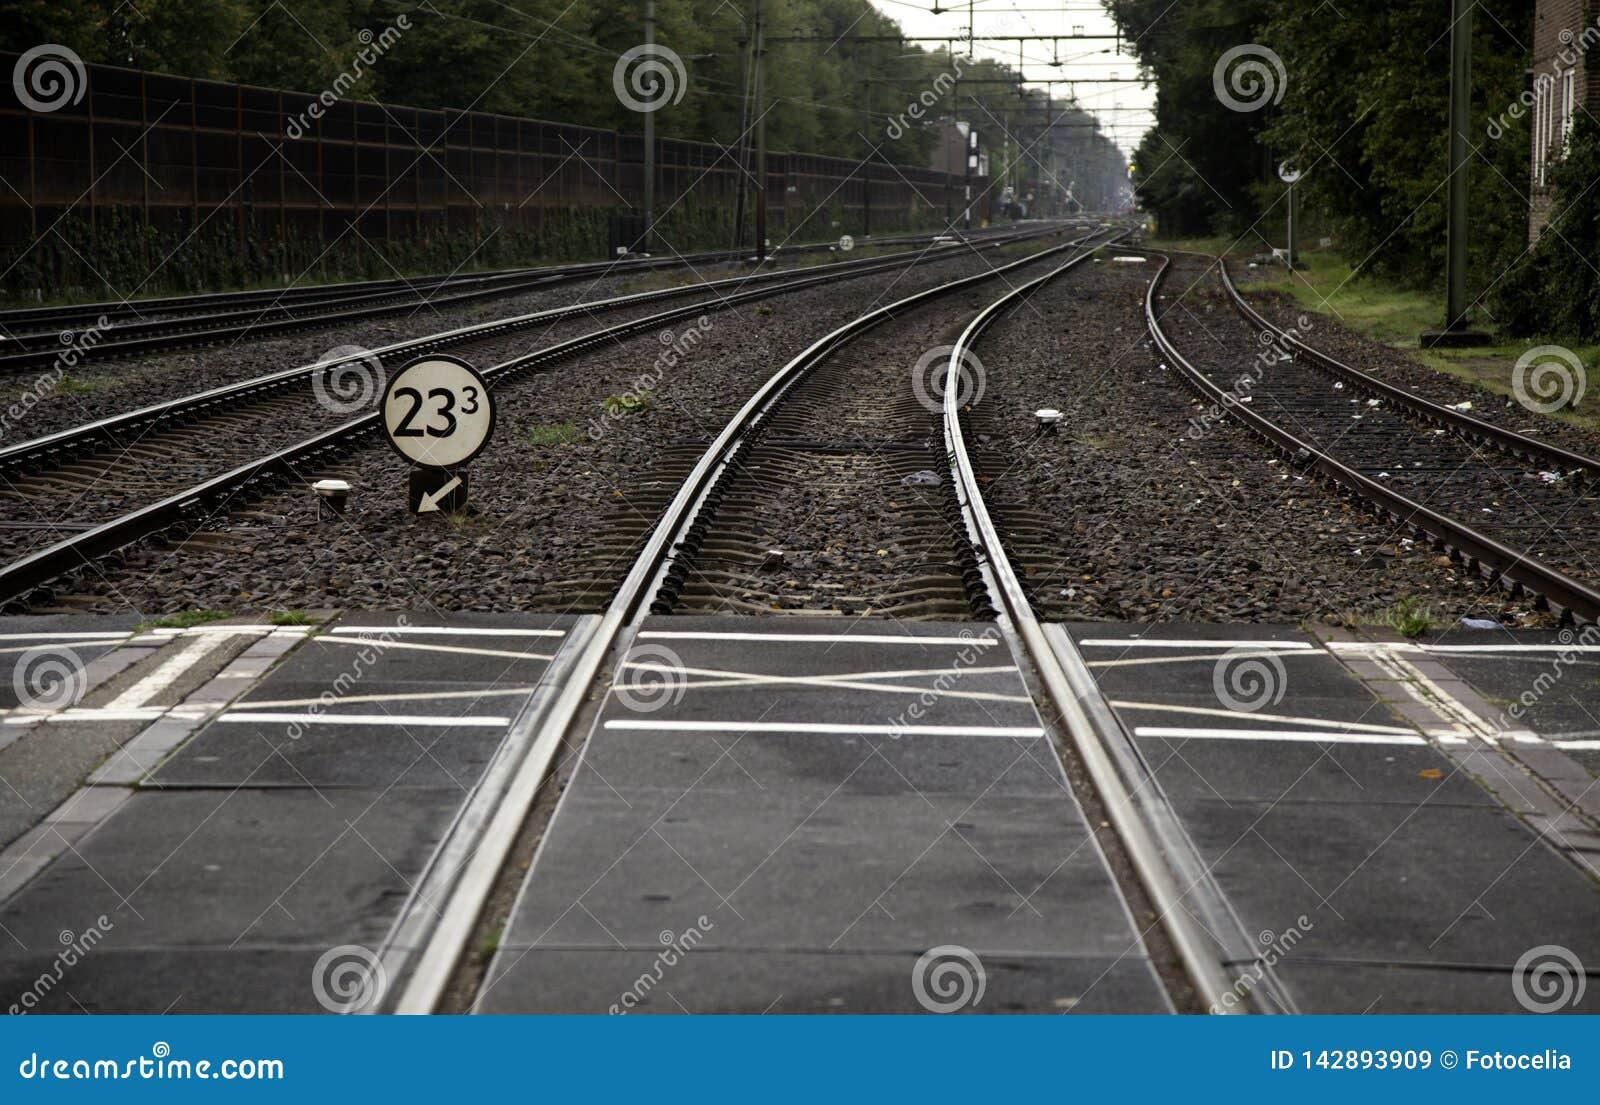 Estación de carriles del tren